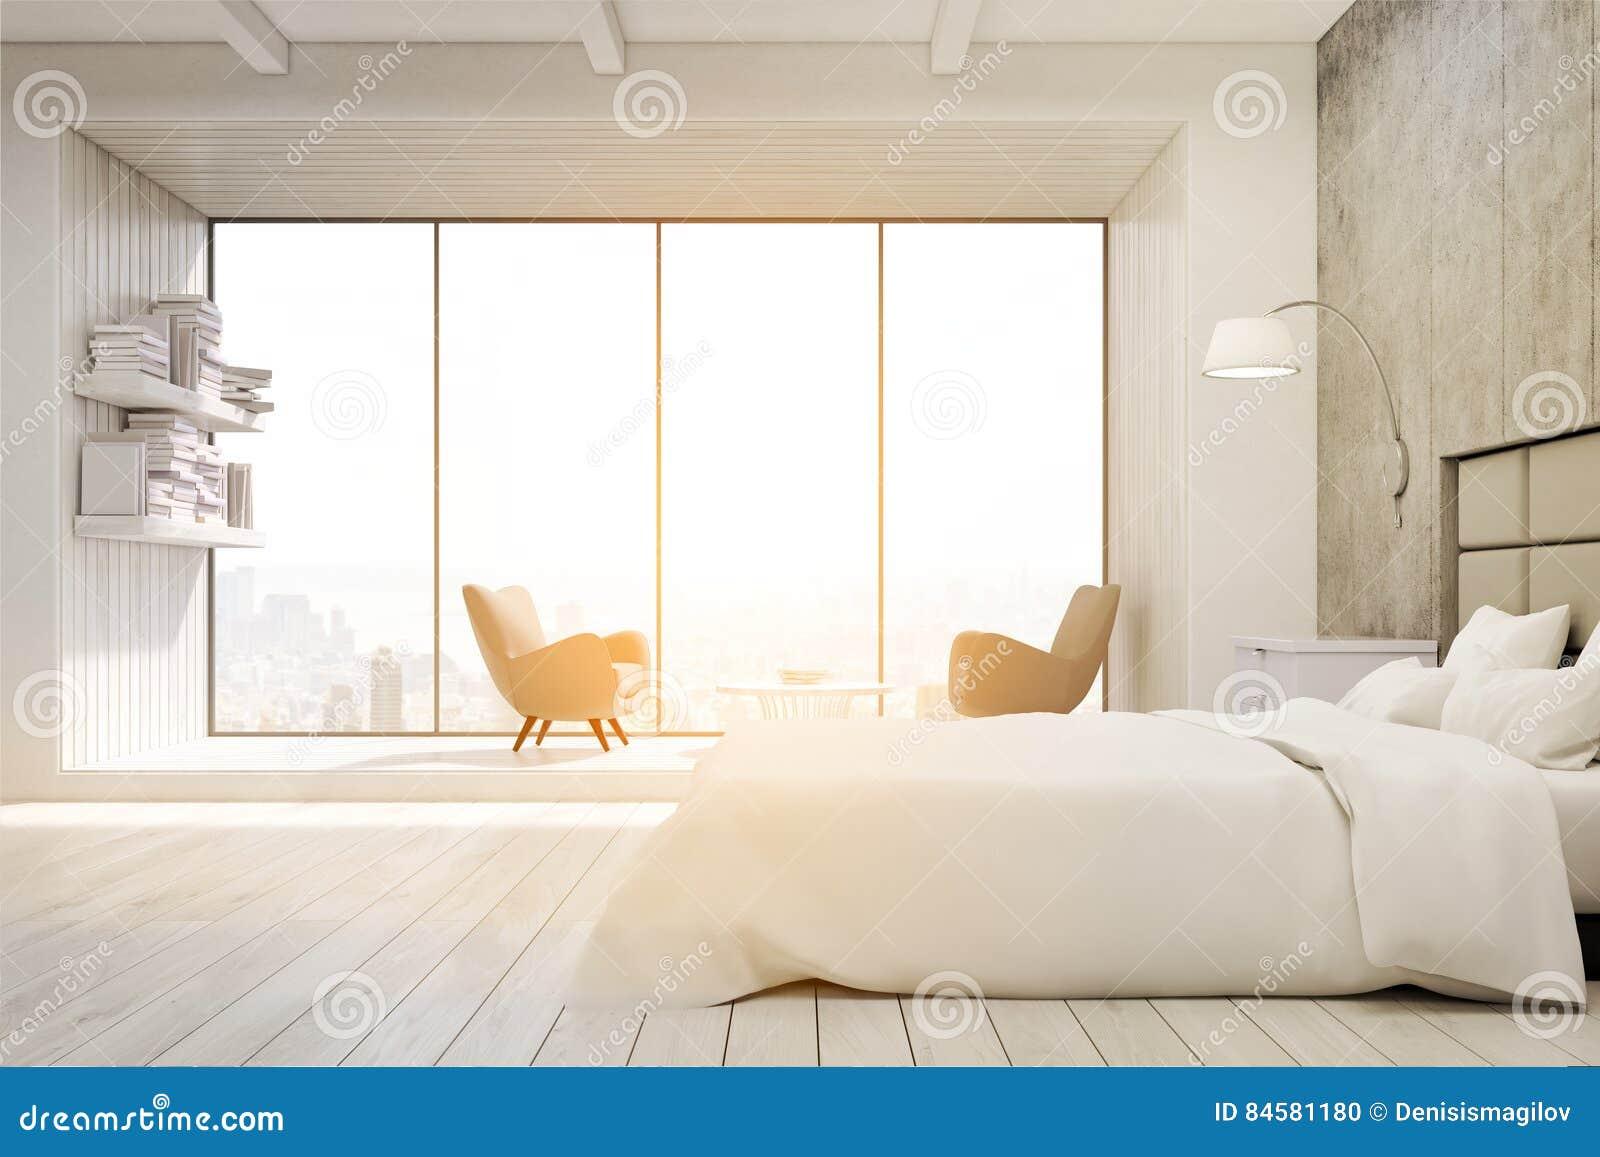 Camera da letto con le poltrone e la grande finestra tonificate illustrazione di stock - La finestra della camera da letto ...